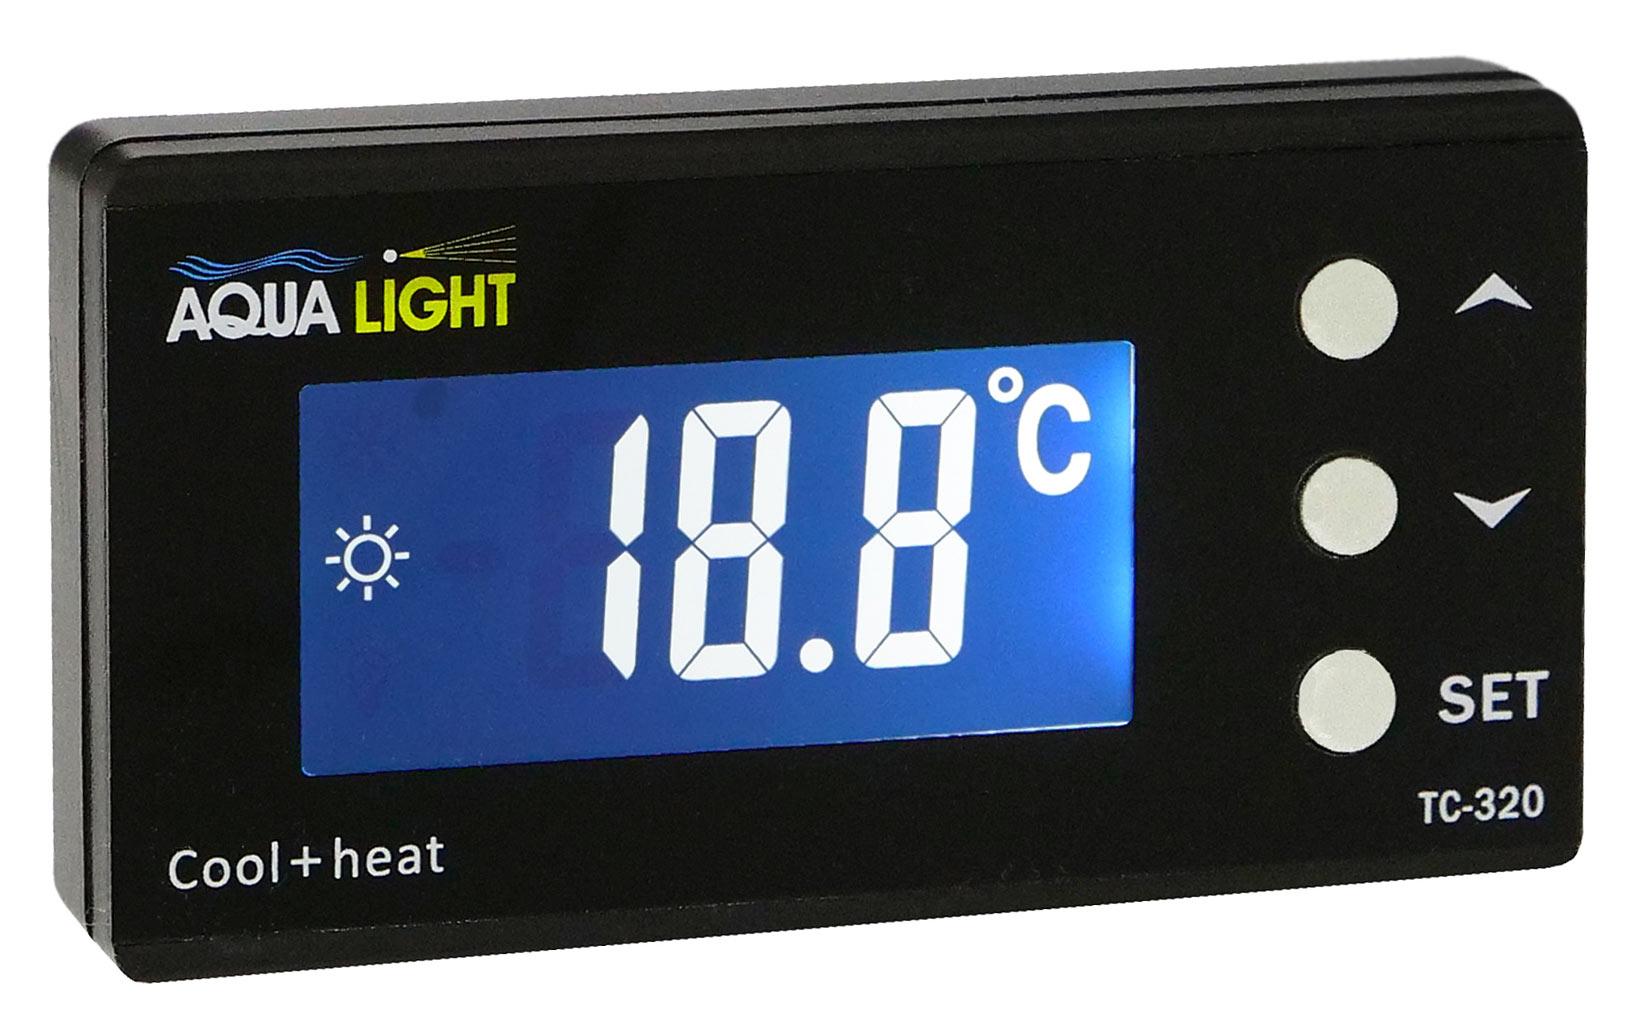 Aqua Light Temperatur Controller Für Aquarien In Heizung